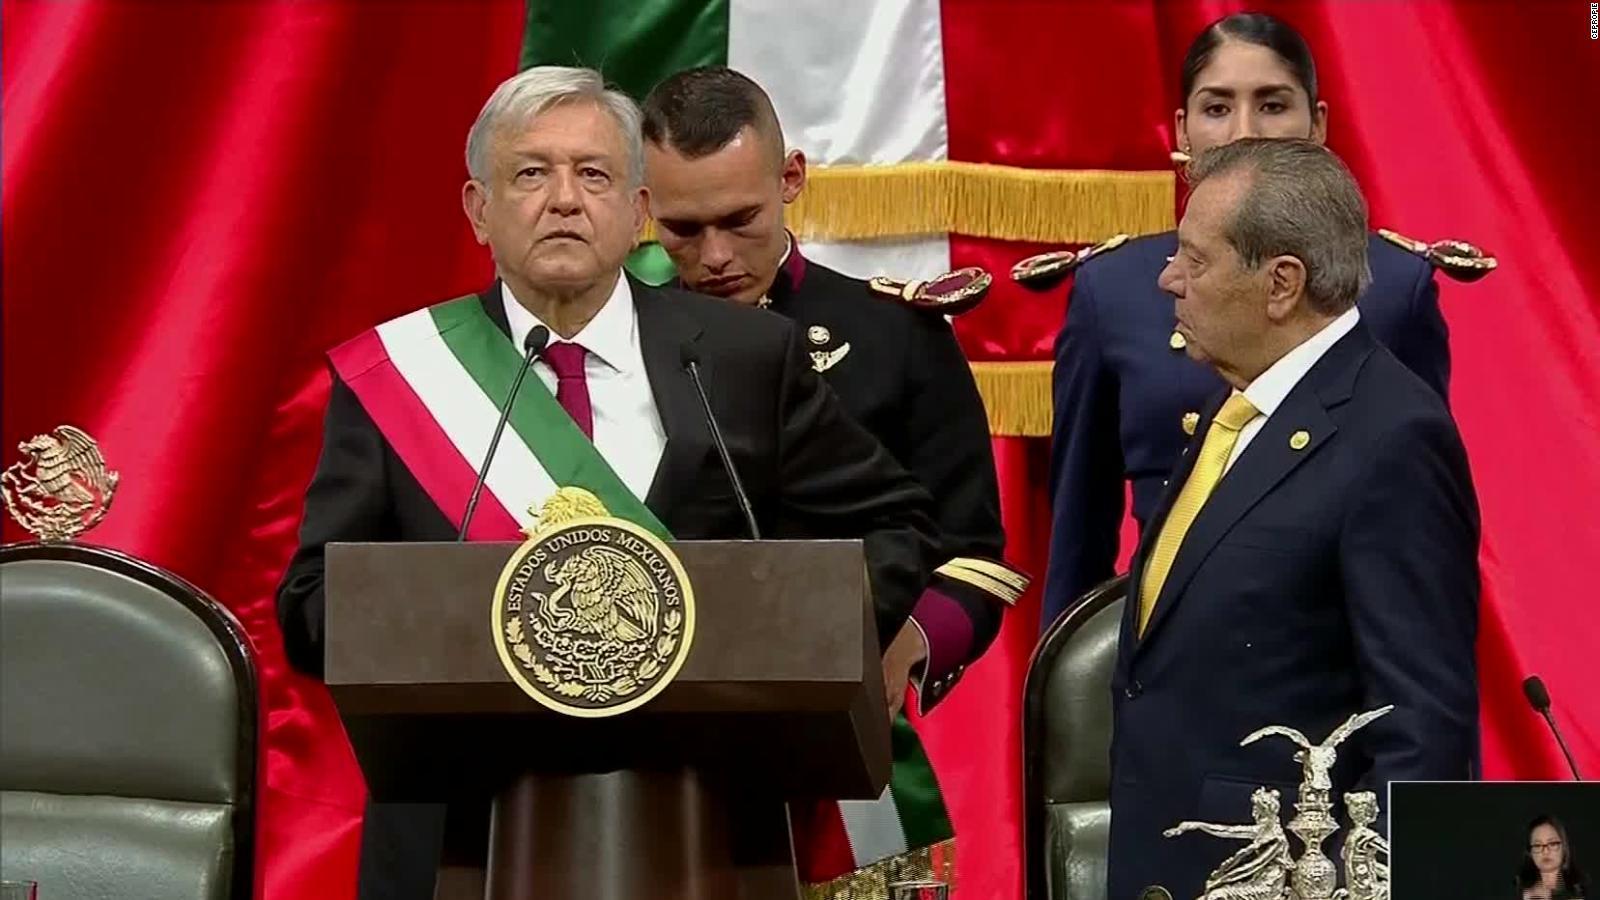 CONOCE AQUI EL GABINETE DEL NUEVO GOBIERNO FEDERAL.